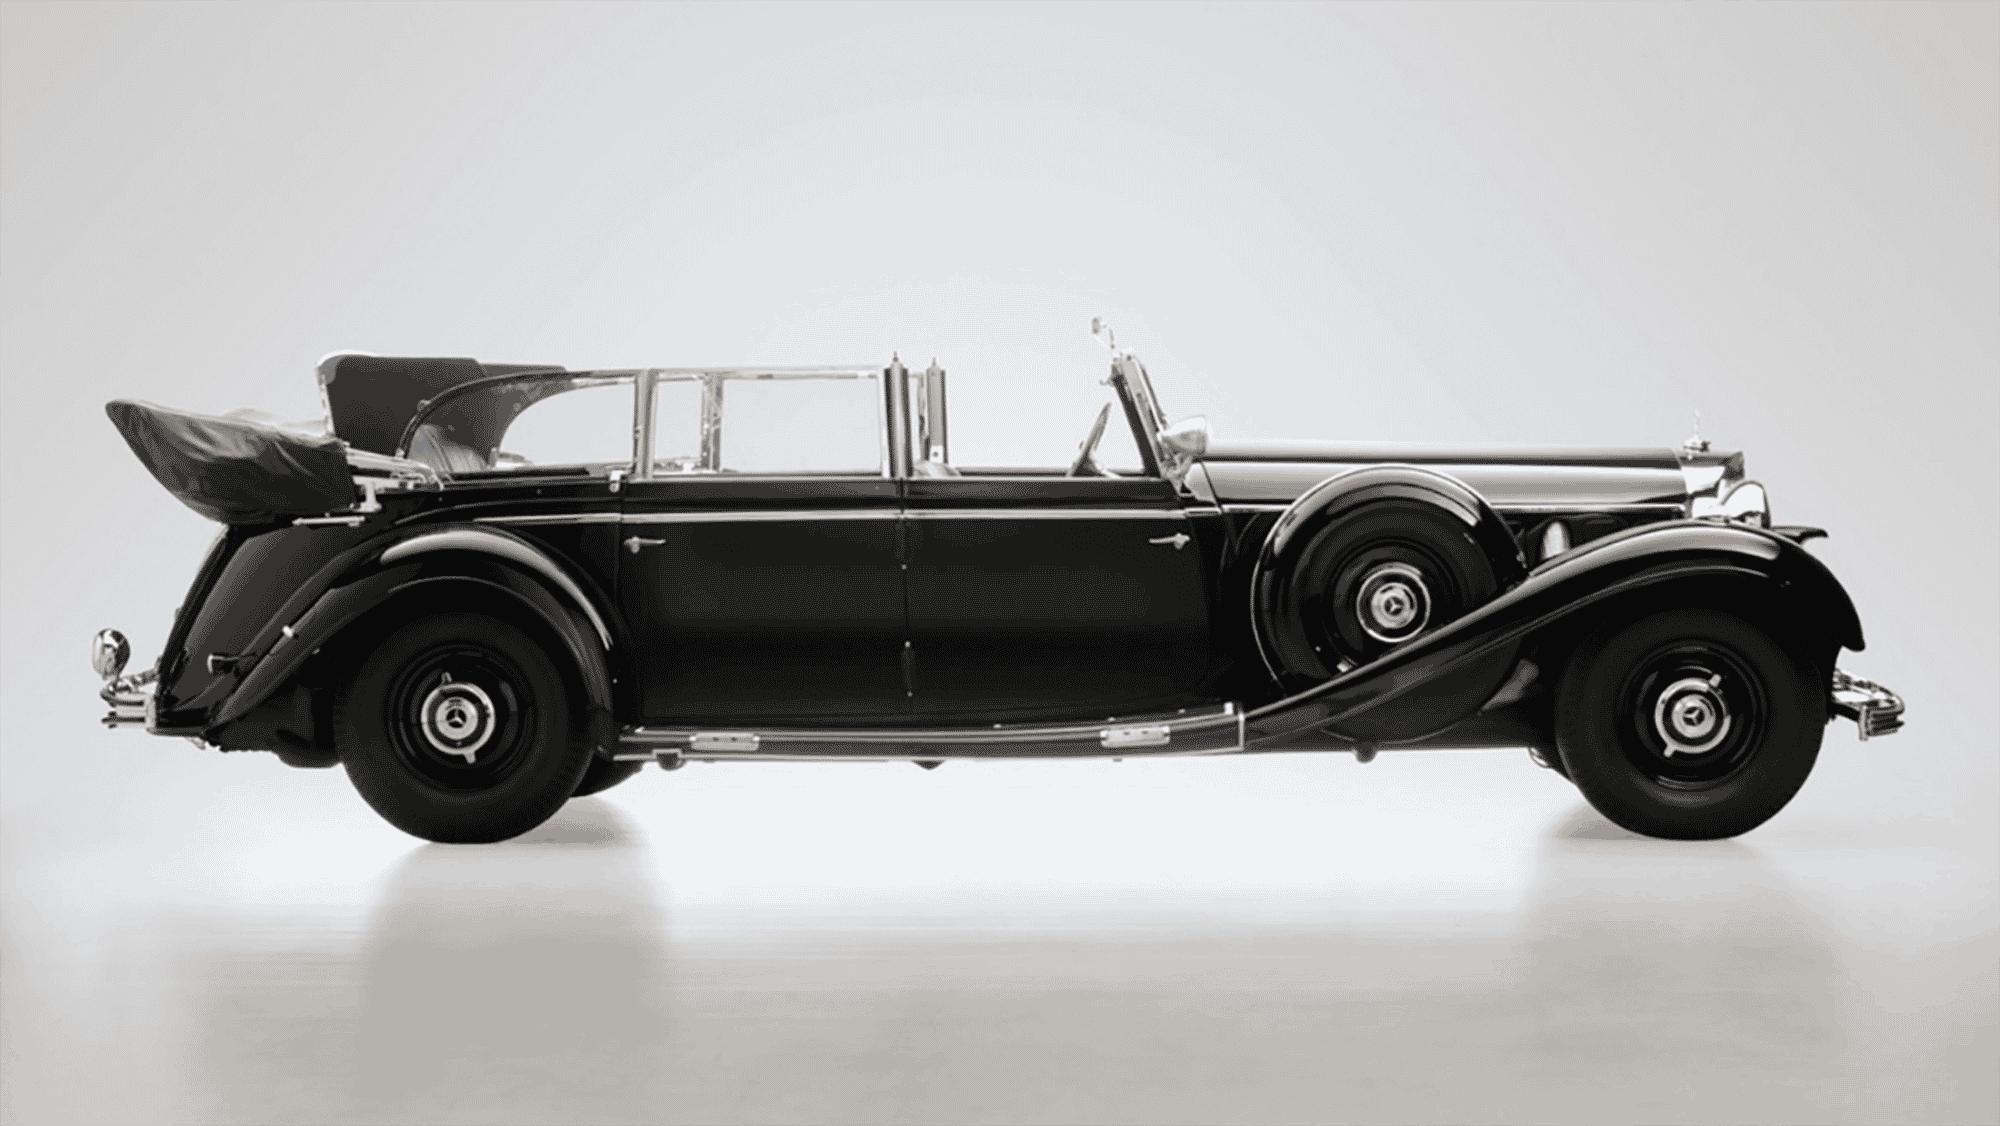 ¿Te gustan los coches históricos? Pues ahora el Mercedes-Benz 770K de Hitler está a subasta